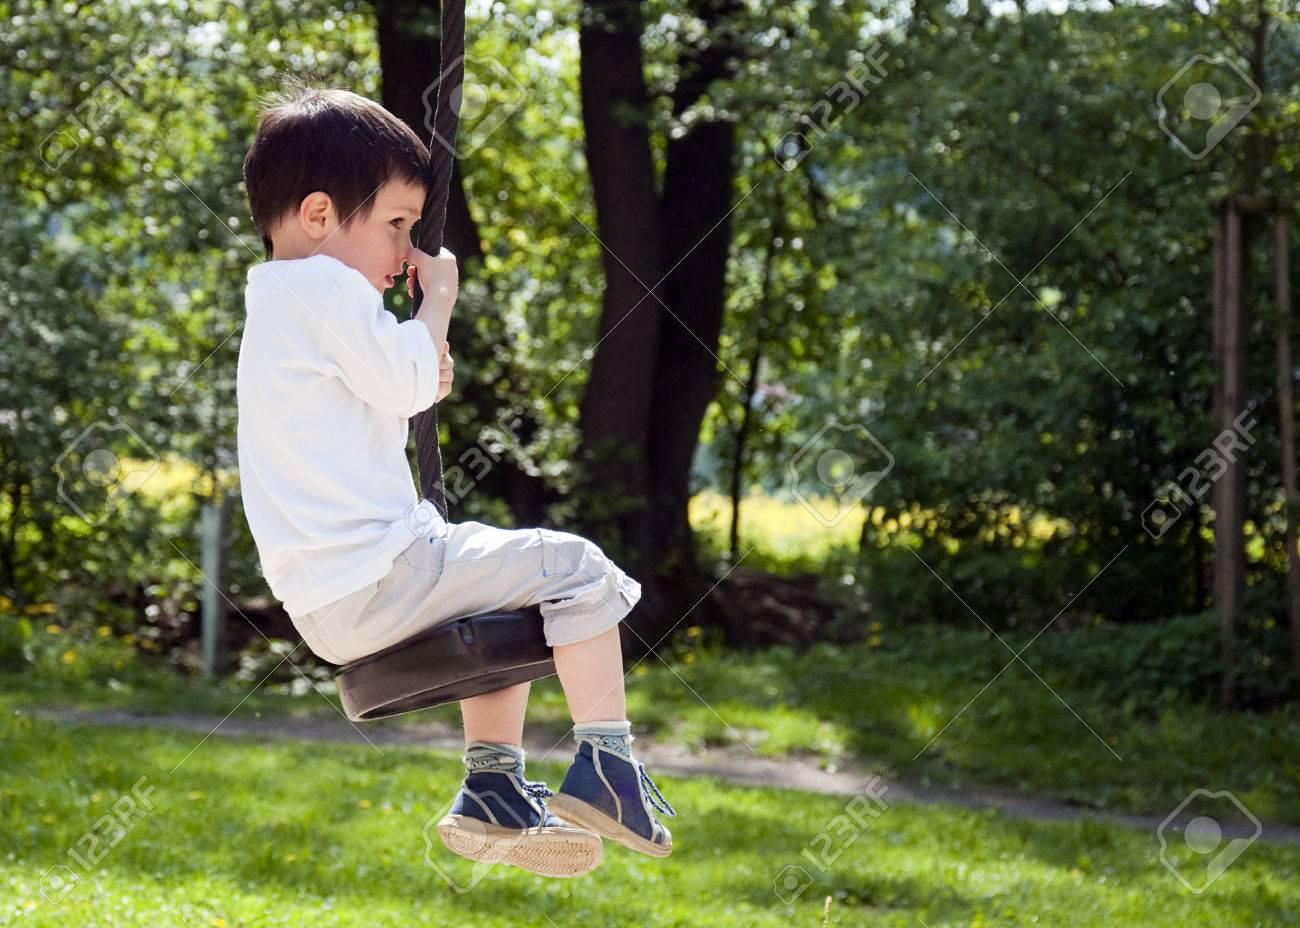 Tree Swing Child Boy Swinging On A Tree Swing In An Outdoor Adventure